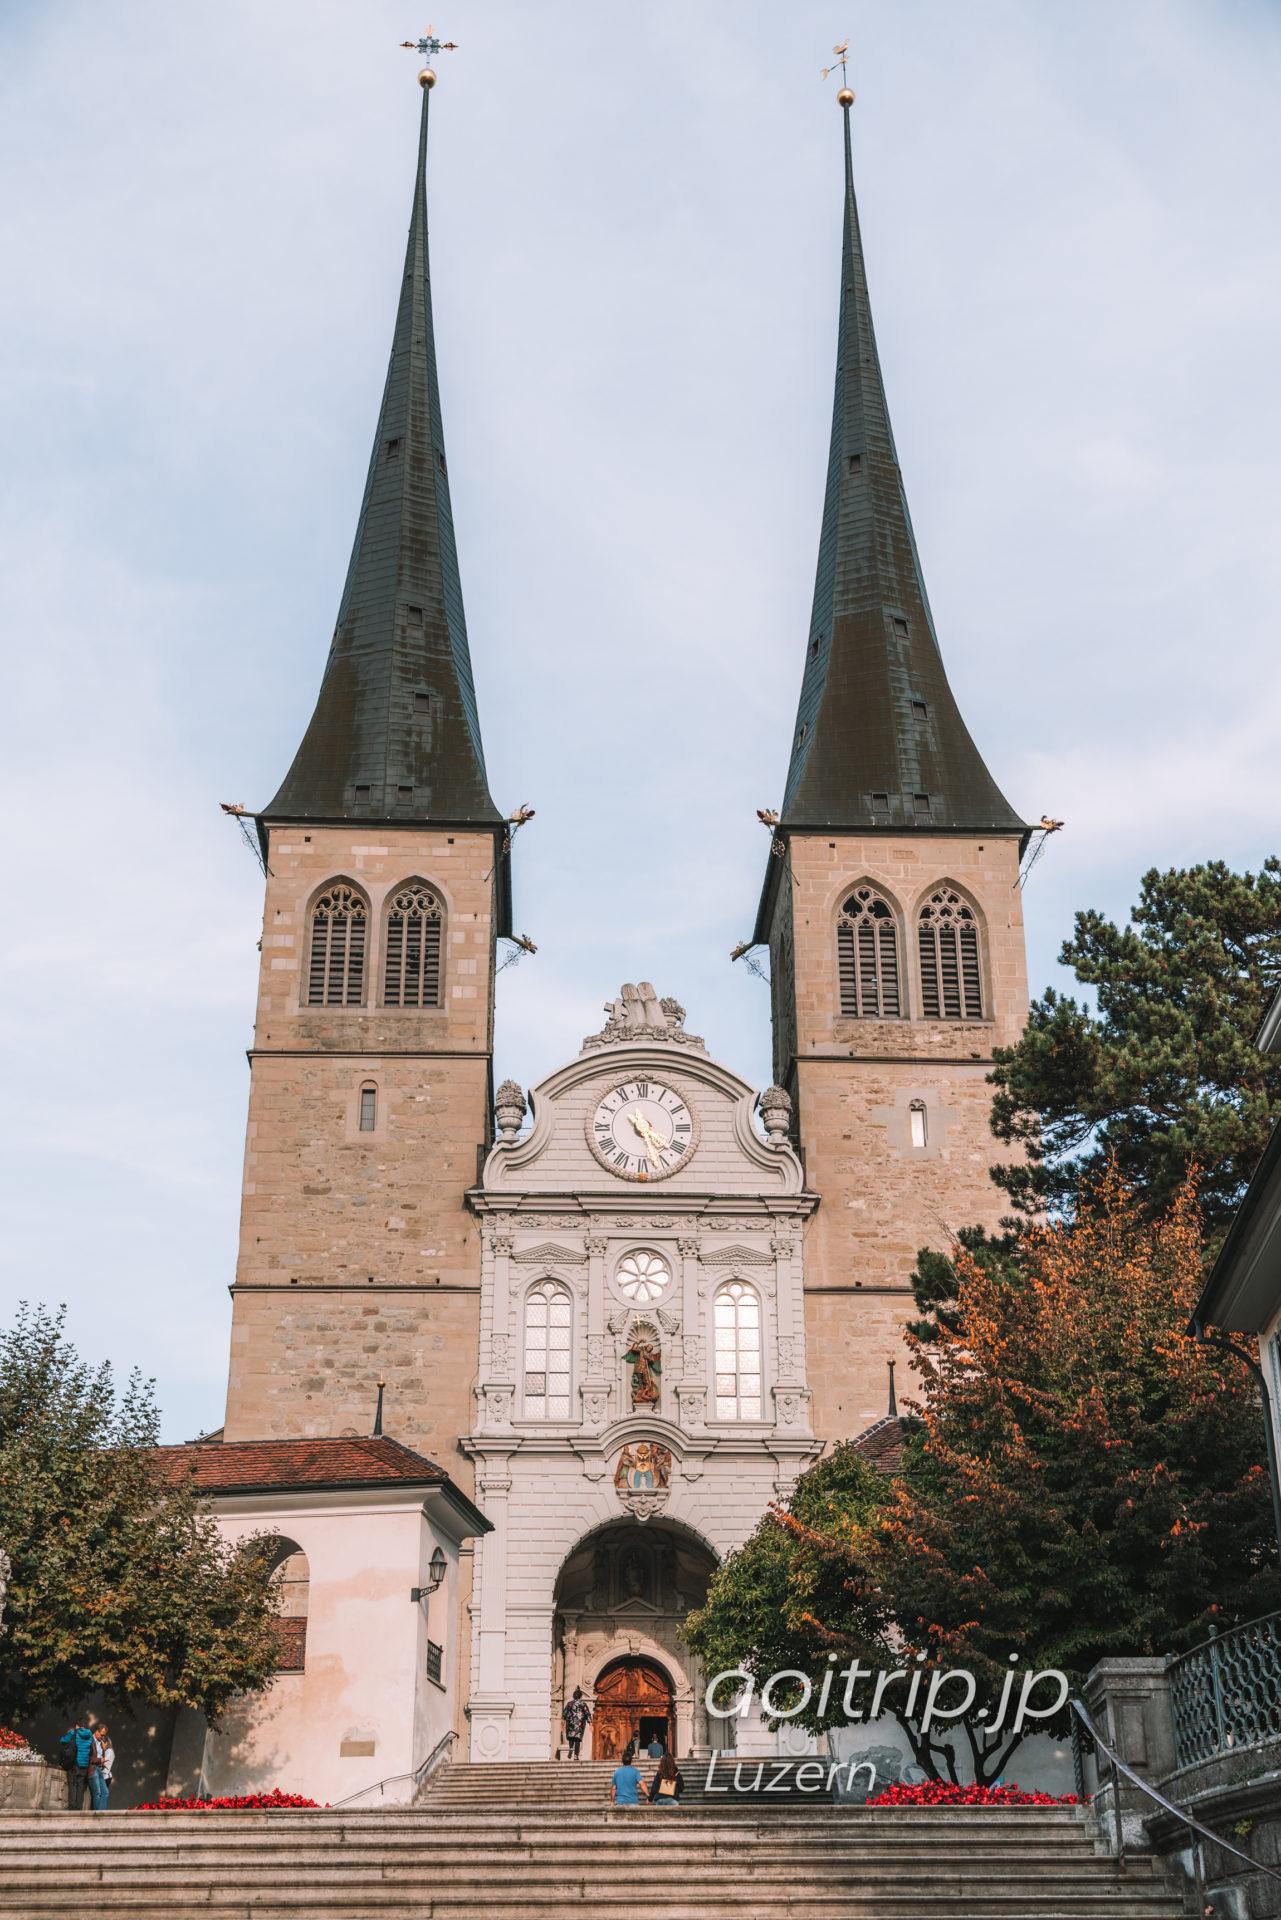 ルツェルンのホーフ教会